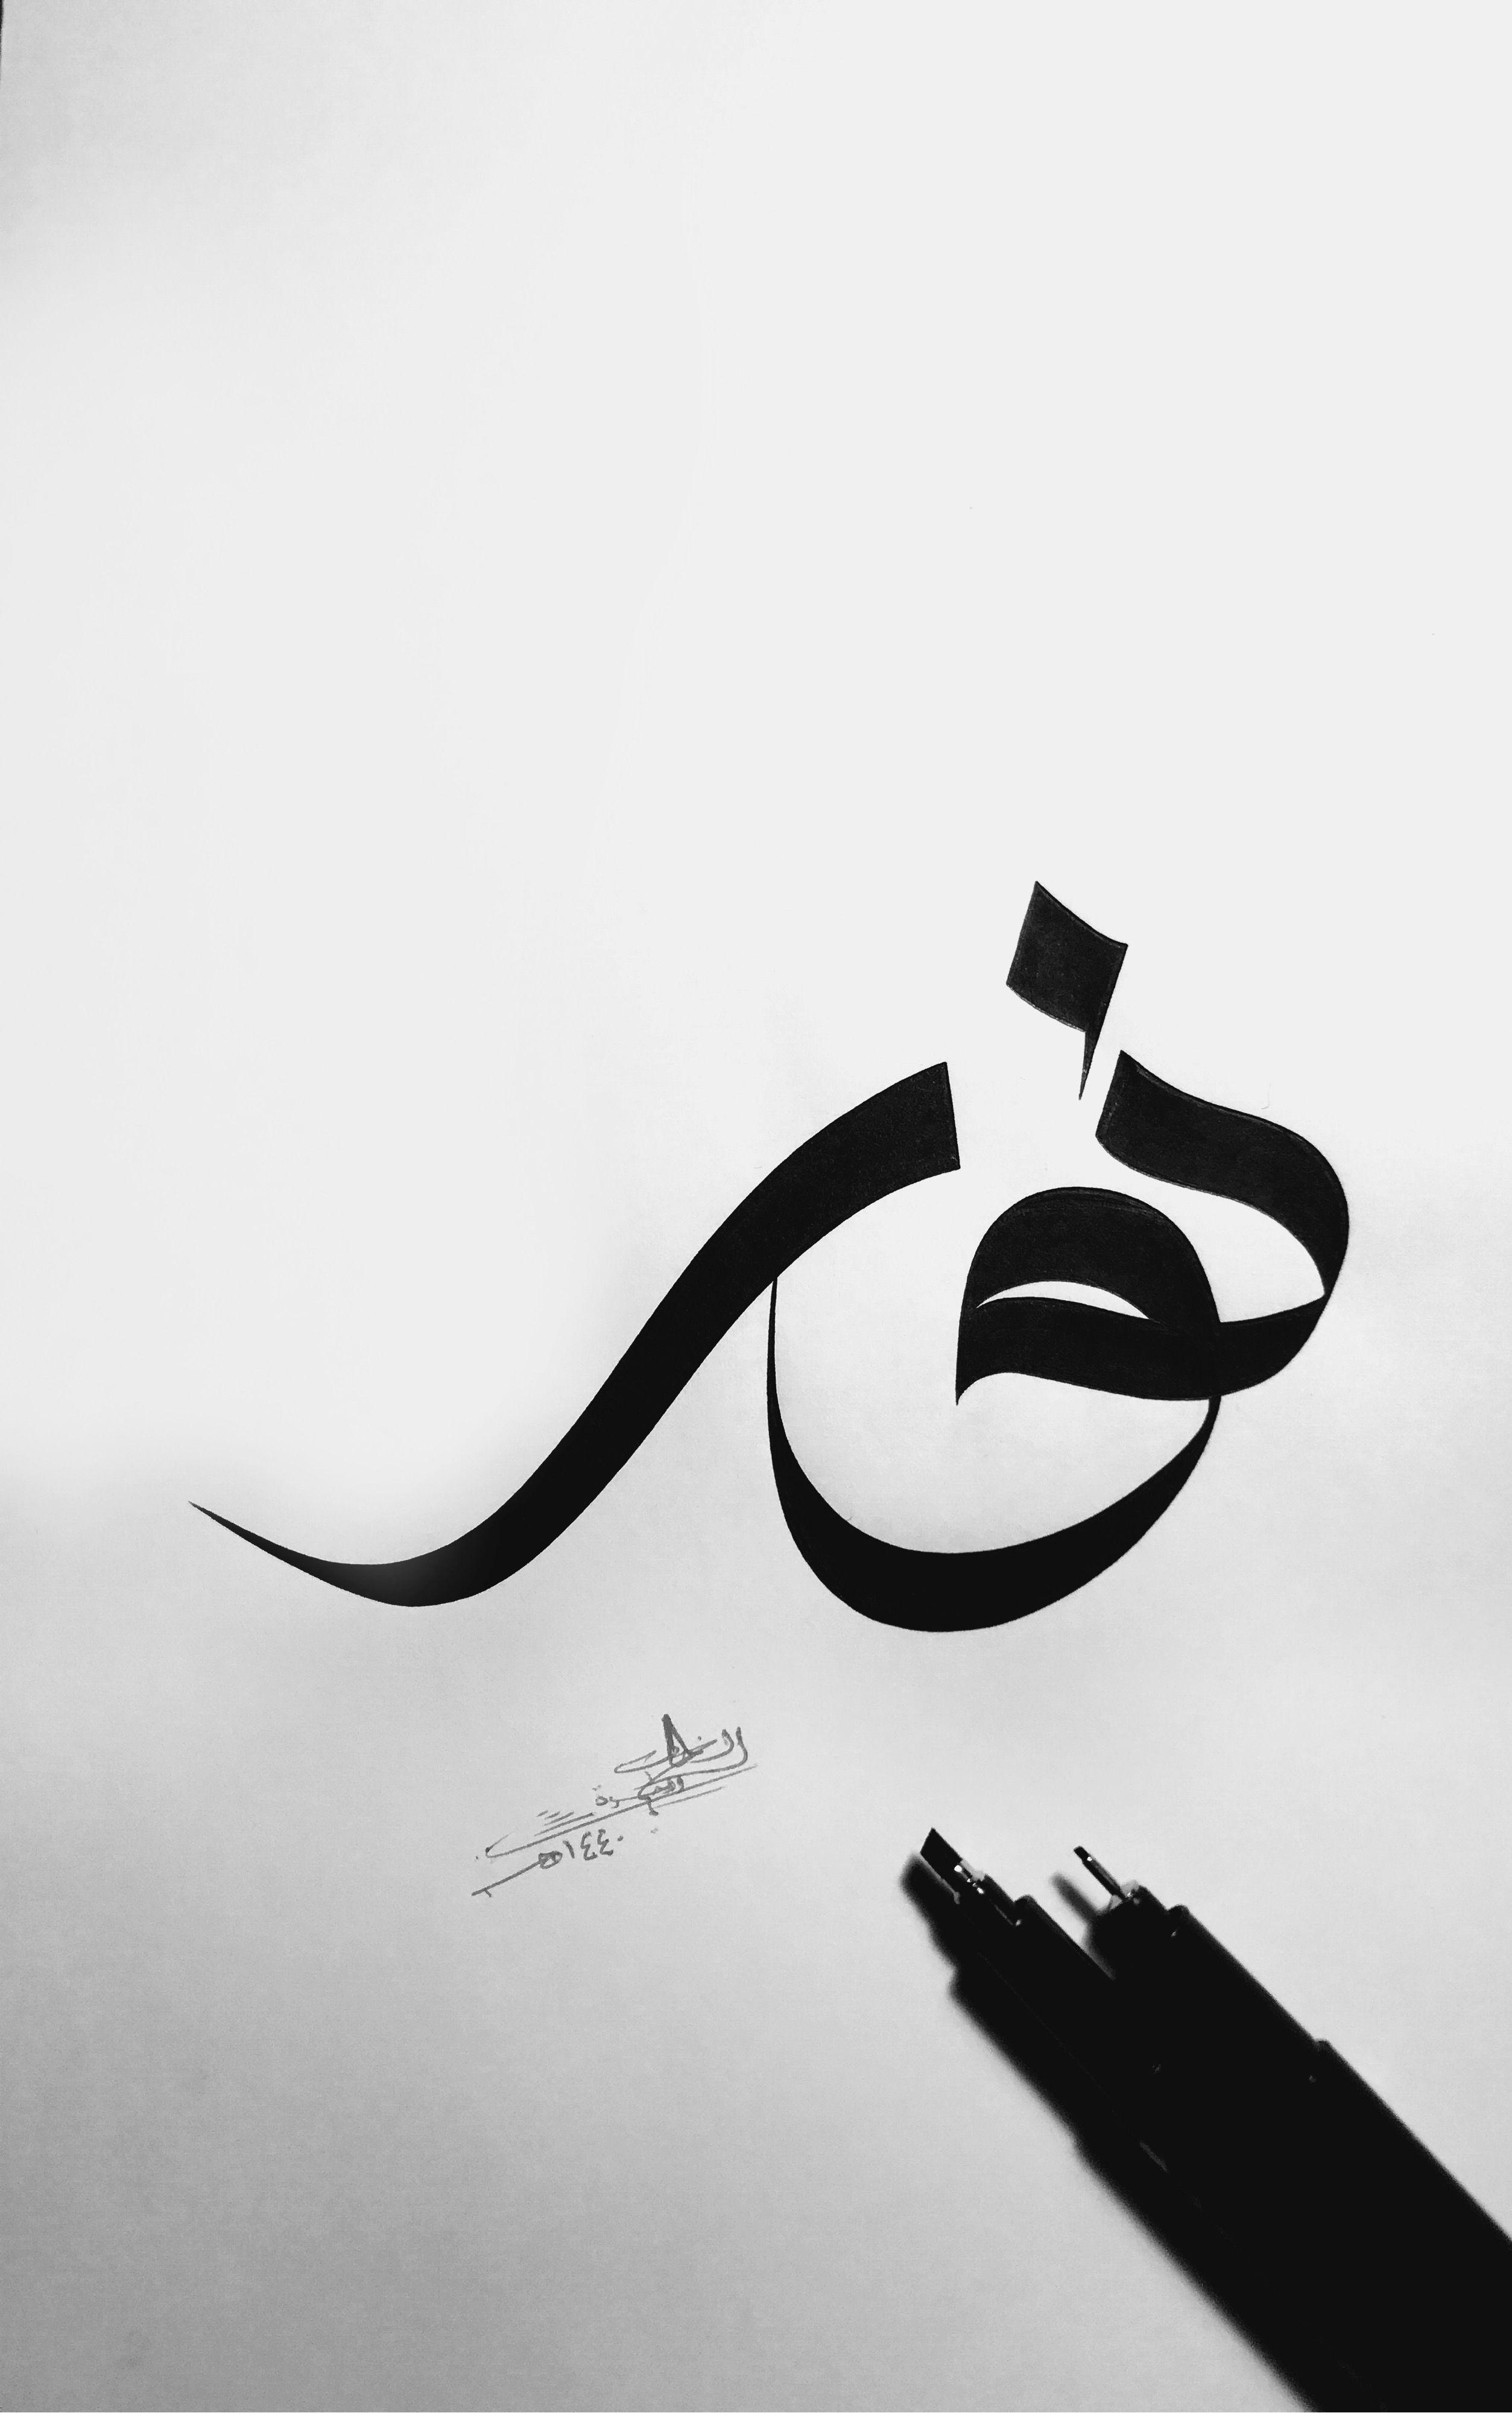 خط عربي نور Snap Thupc Font Art Calligraphy African Art